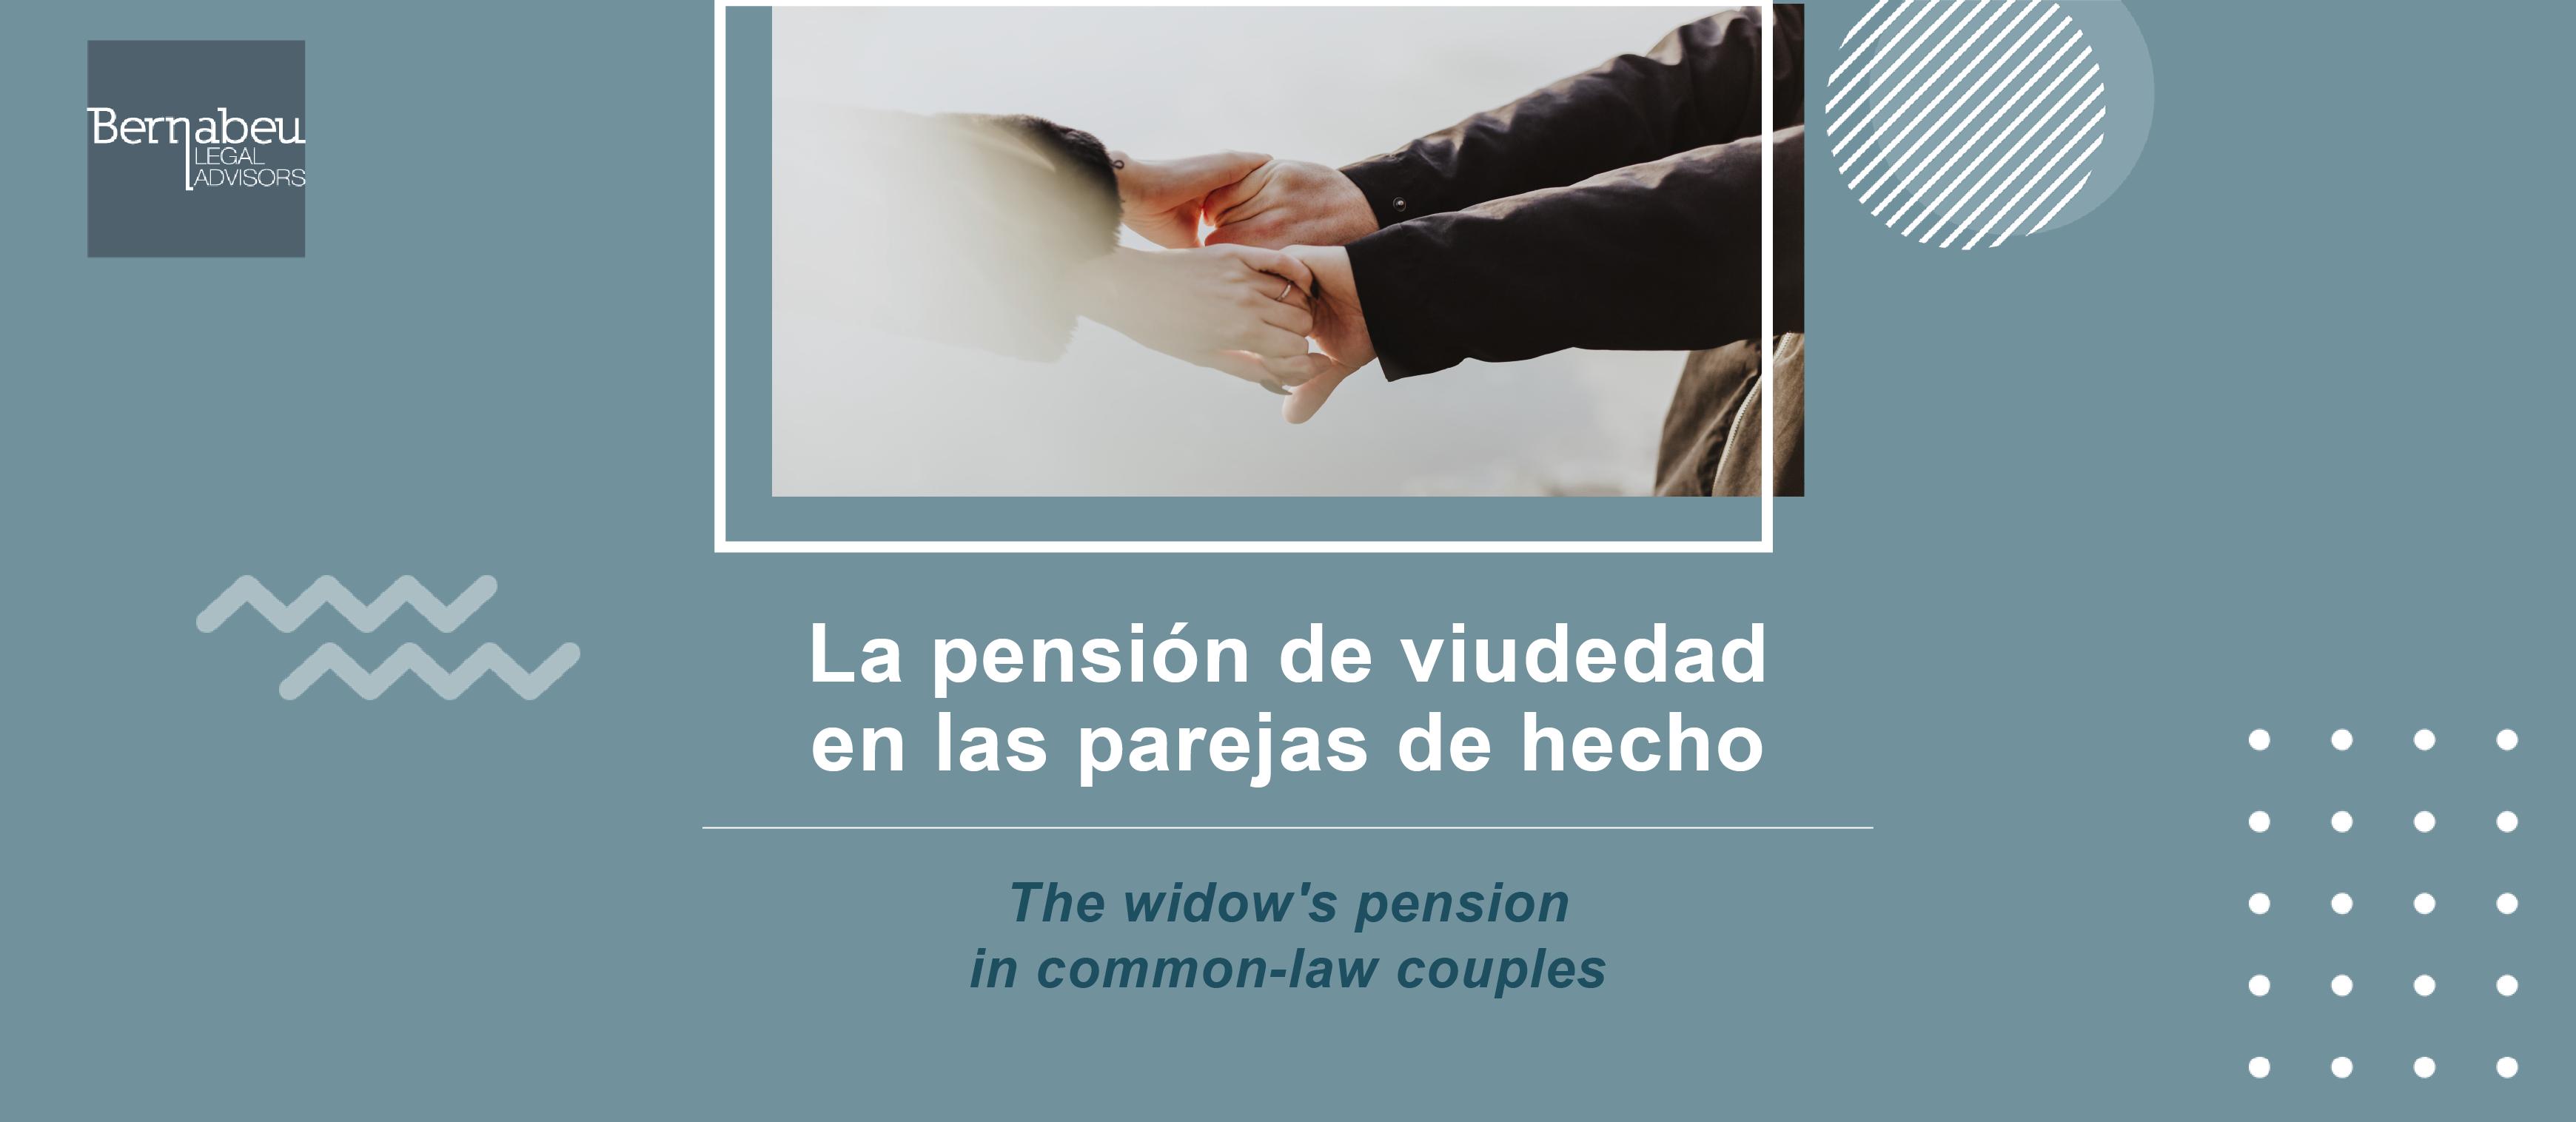 Pensión de viudedad en parejas de hecho